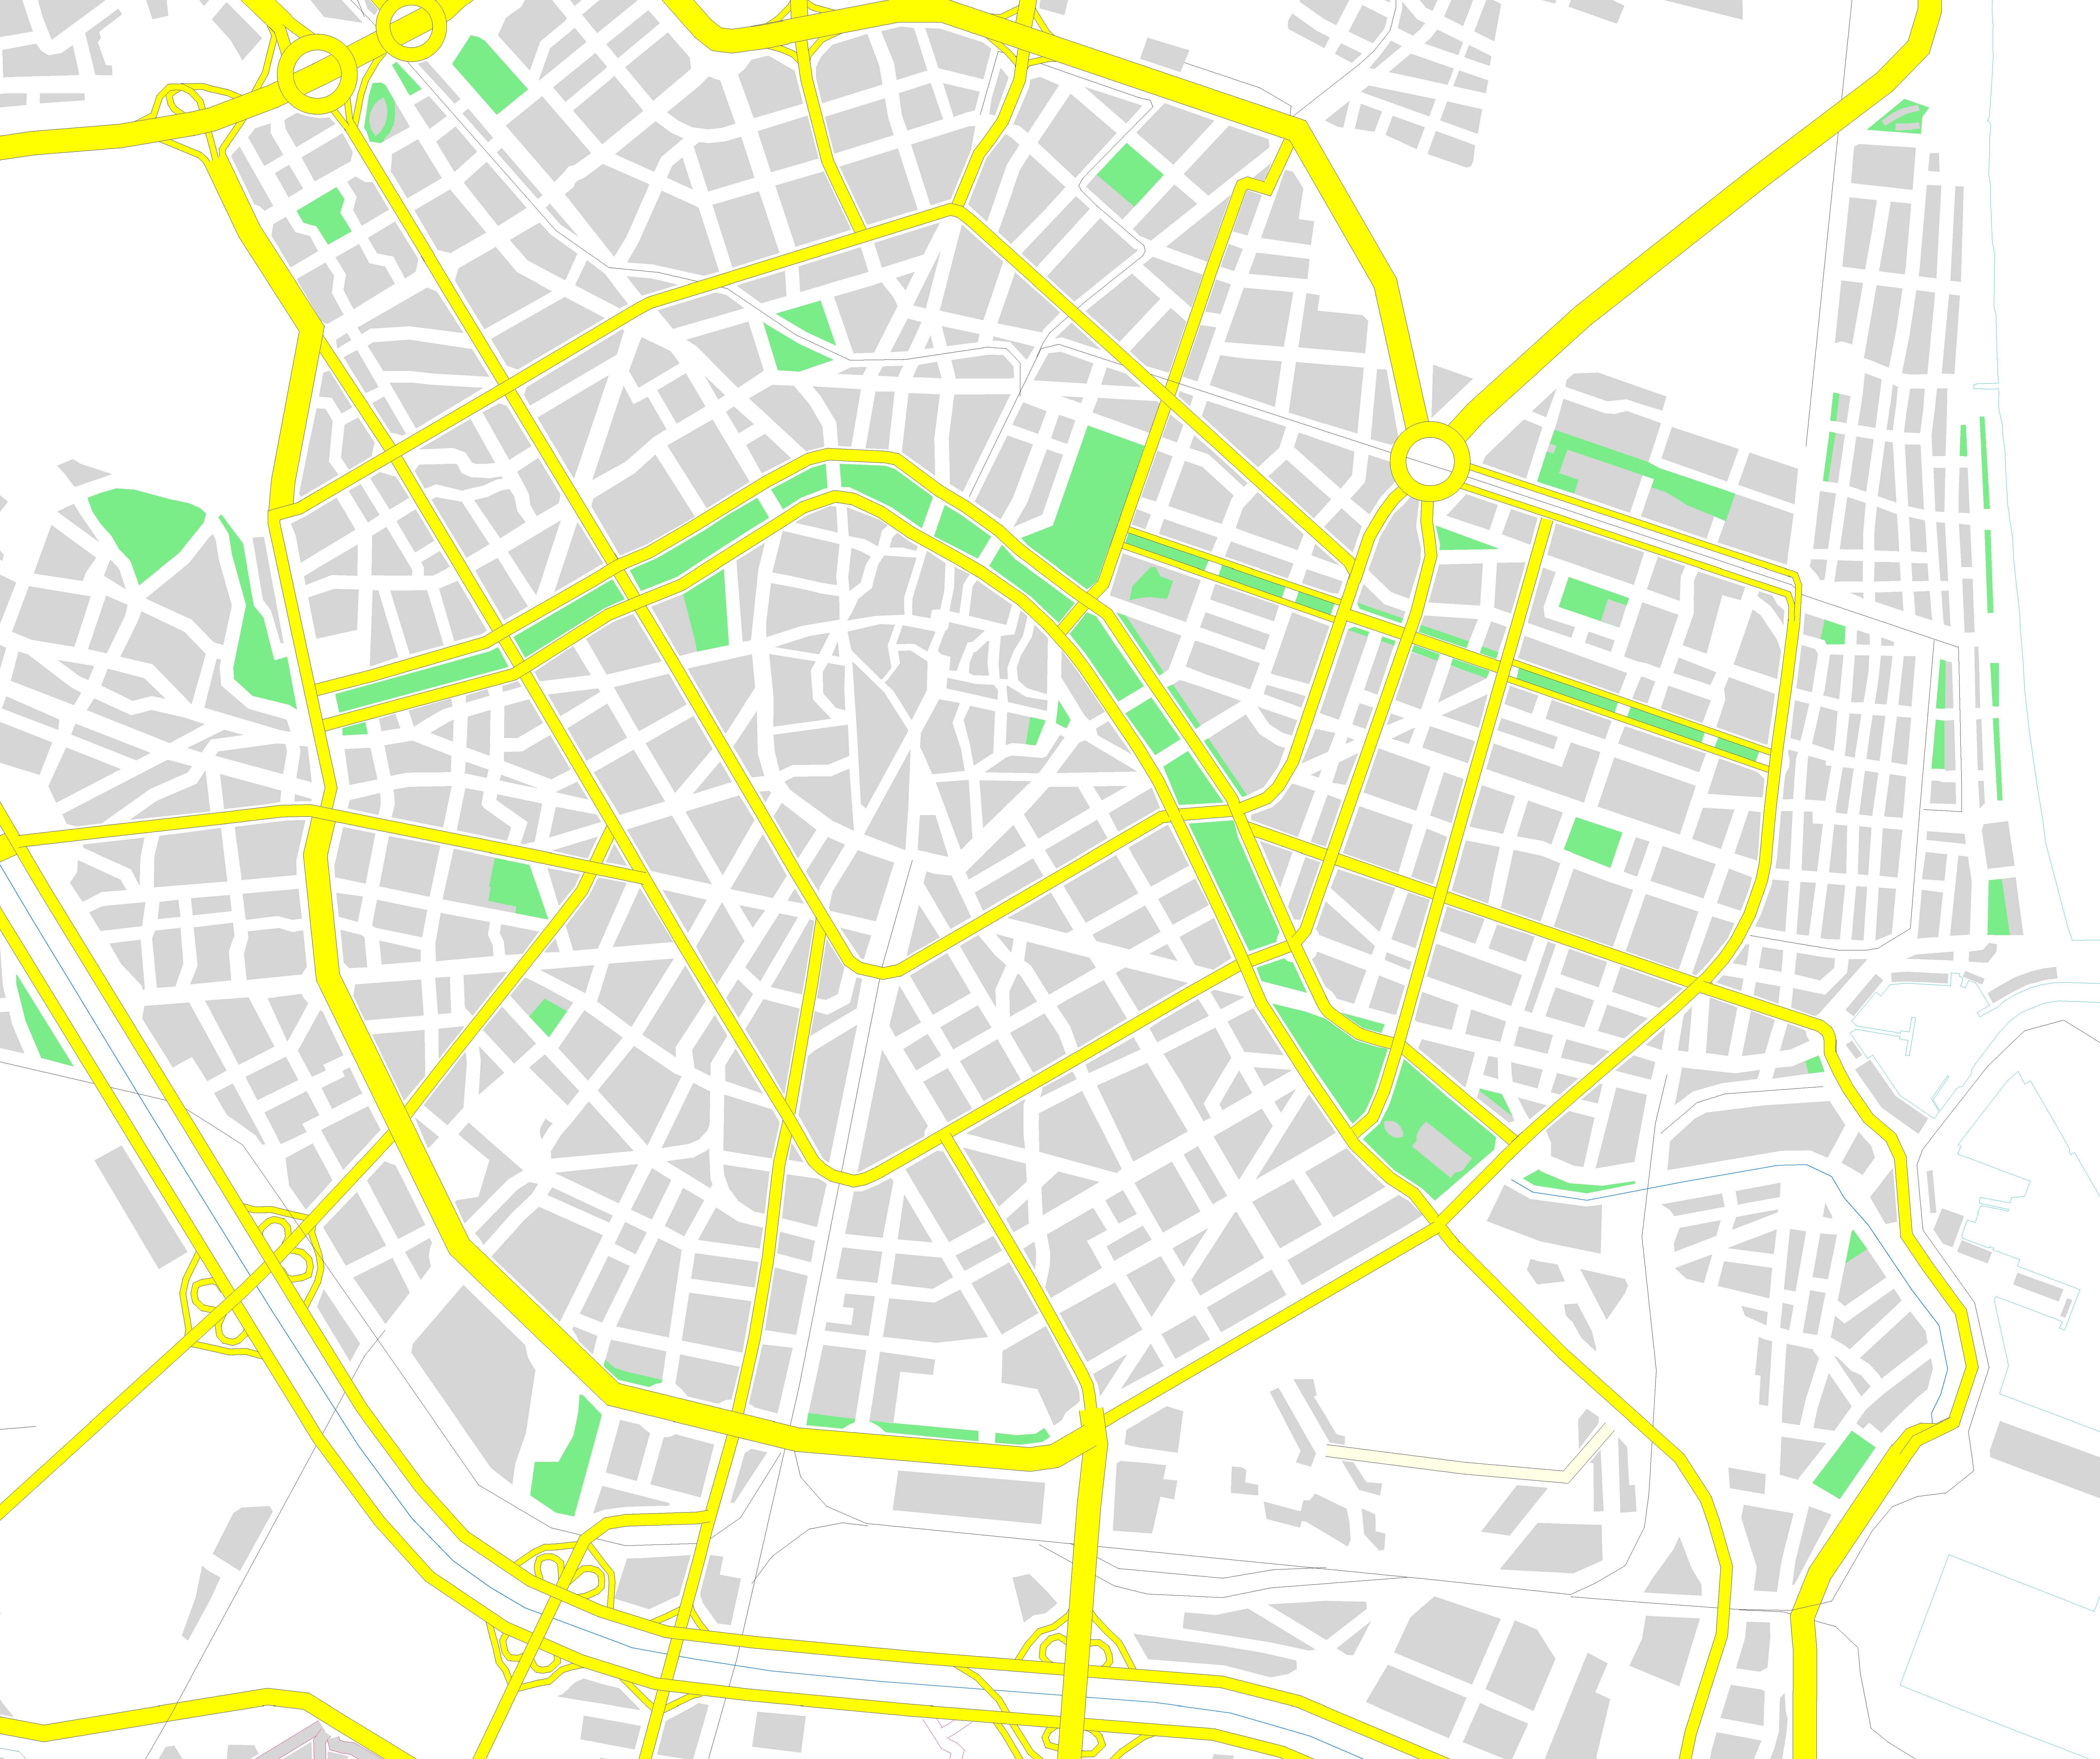 City map of Valencia 2008